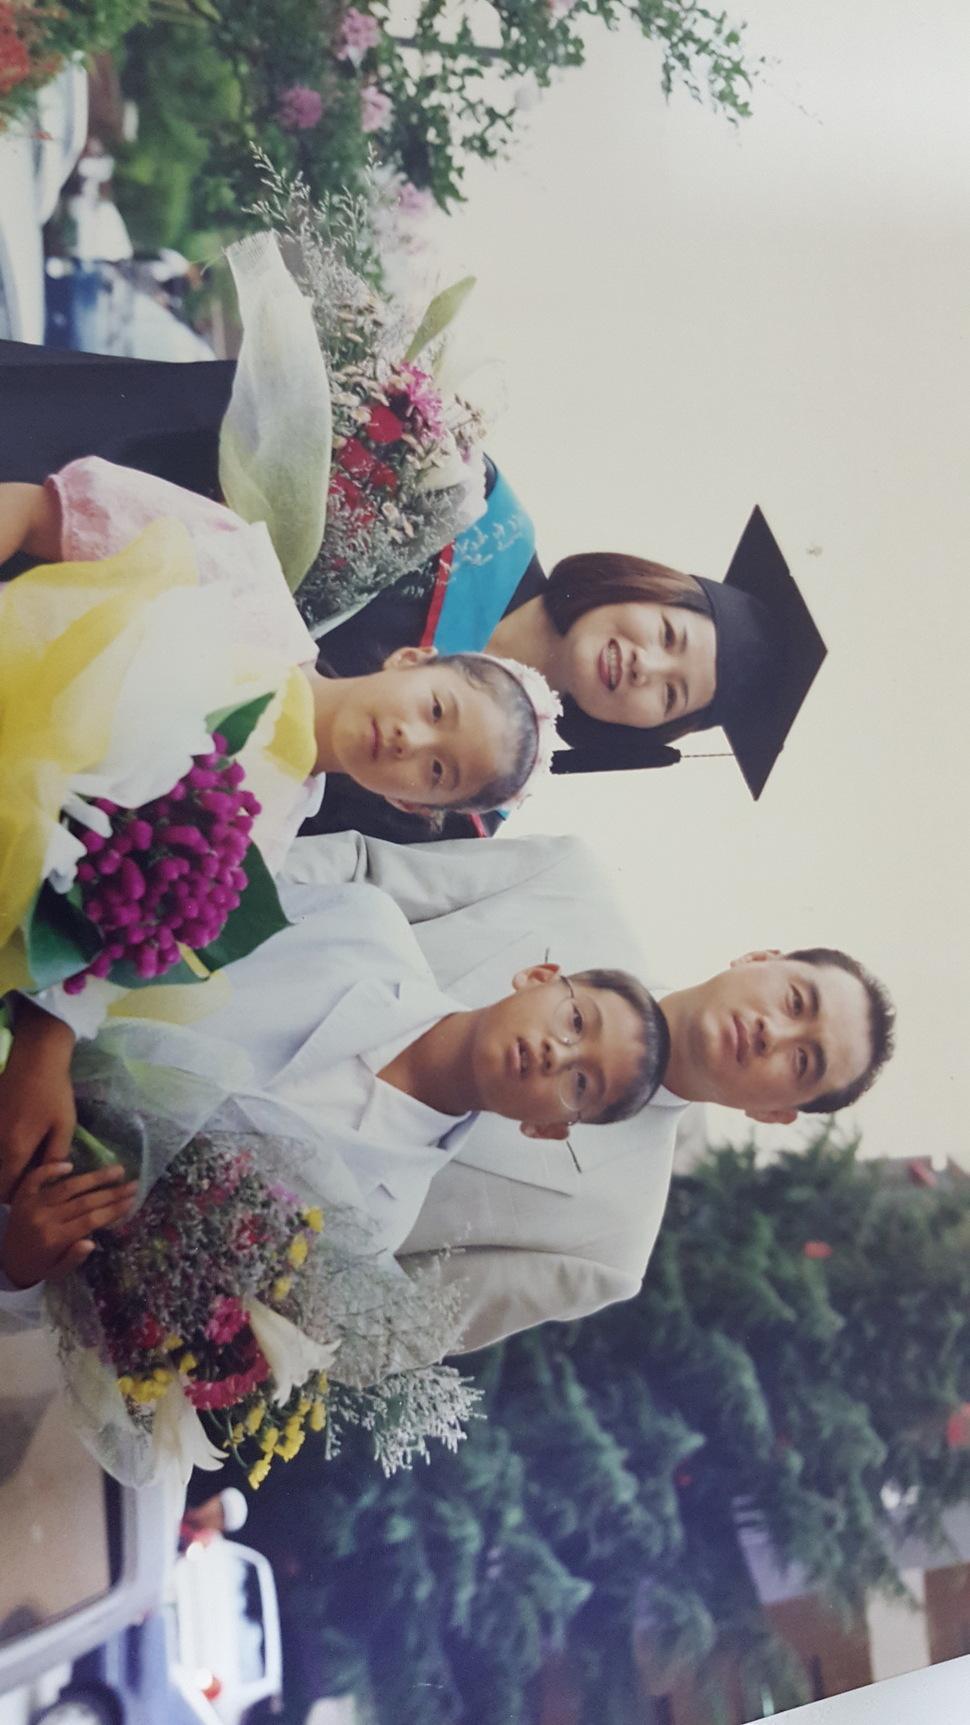 1999년 8월 서강대 교육대학원 석사학위 수여식 날. 남편과 두 아이와 함께.